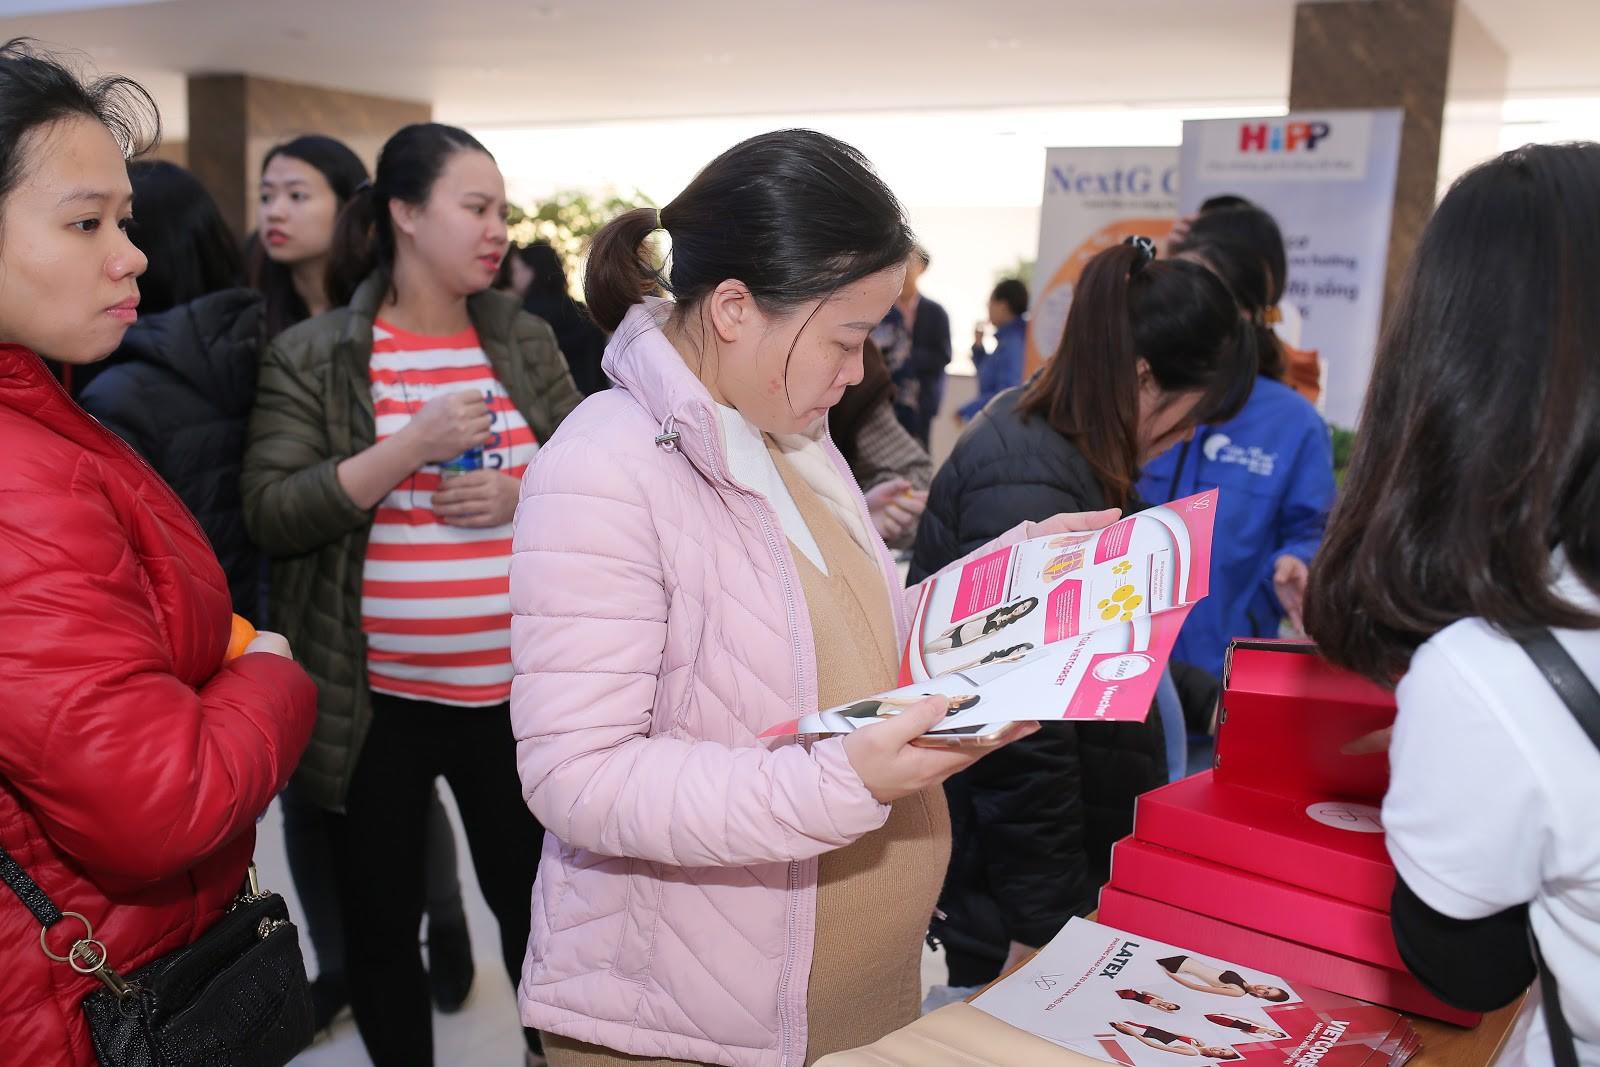 Latex giảm eo made in Việt Nam được giới thiệu hoành tráng tại hội nghị Bệnh viện TƯQĐ 108 - Ảnh 3.